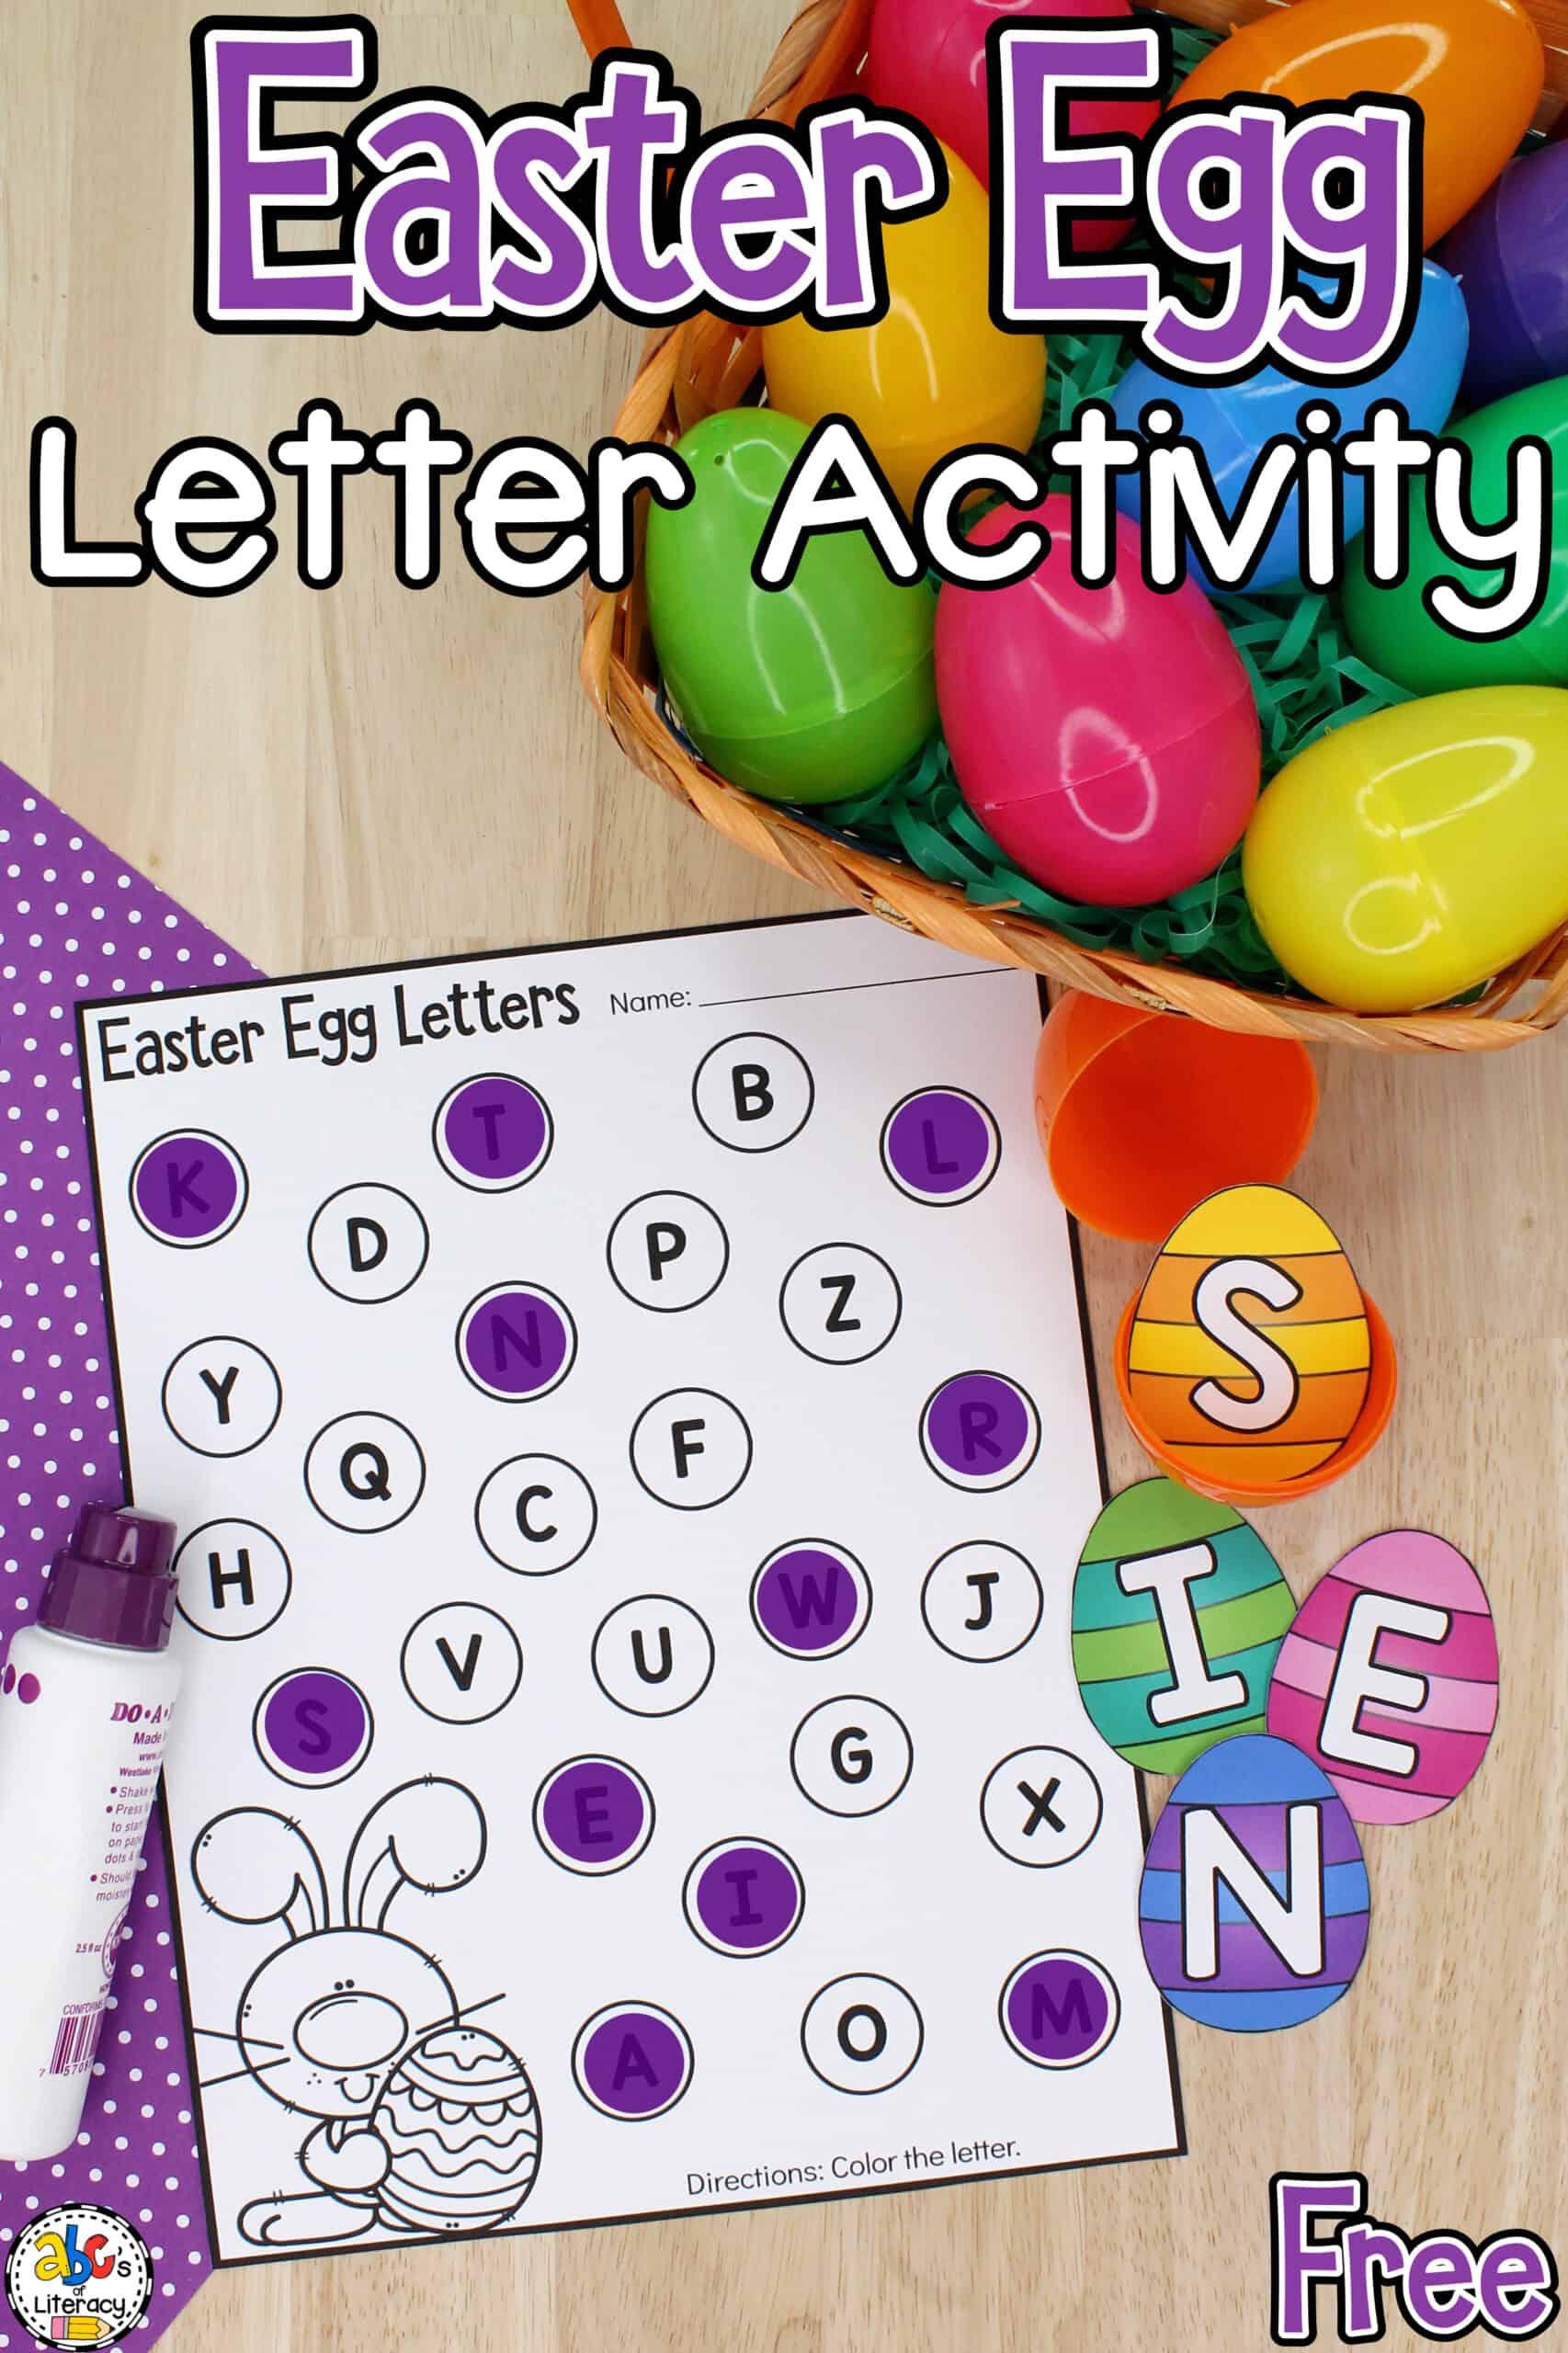 Easter Egg Letter Activity